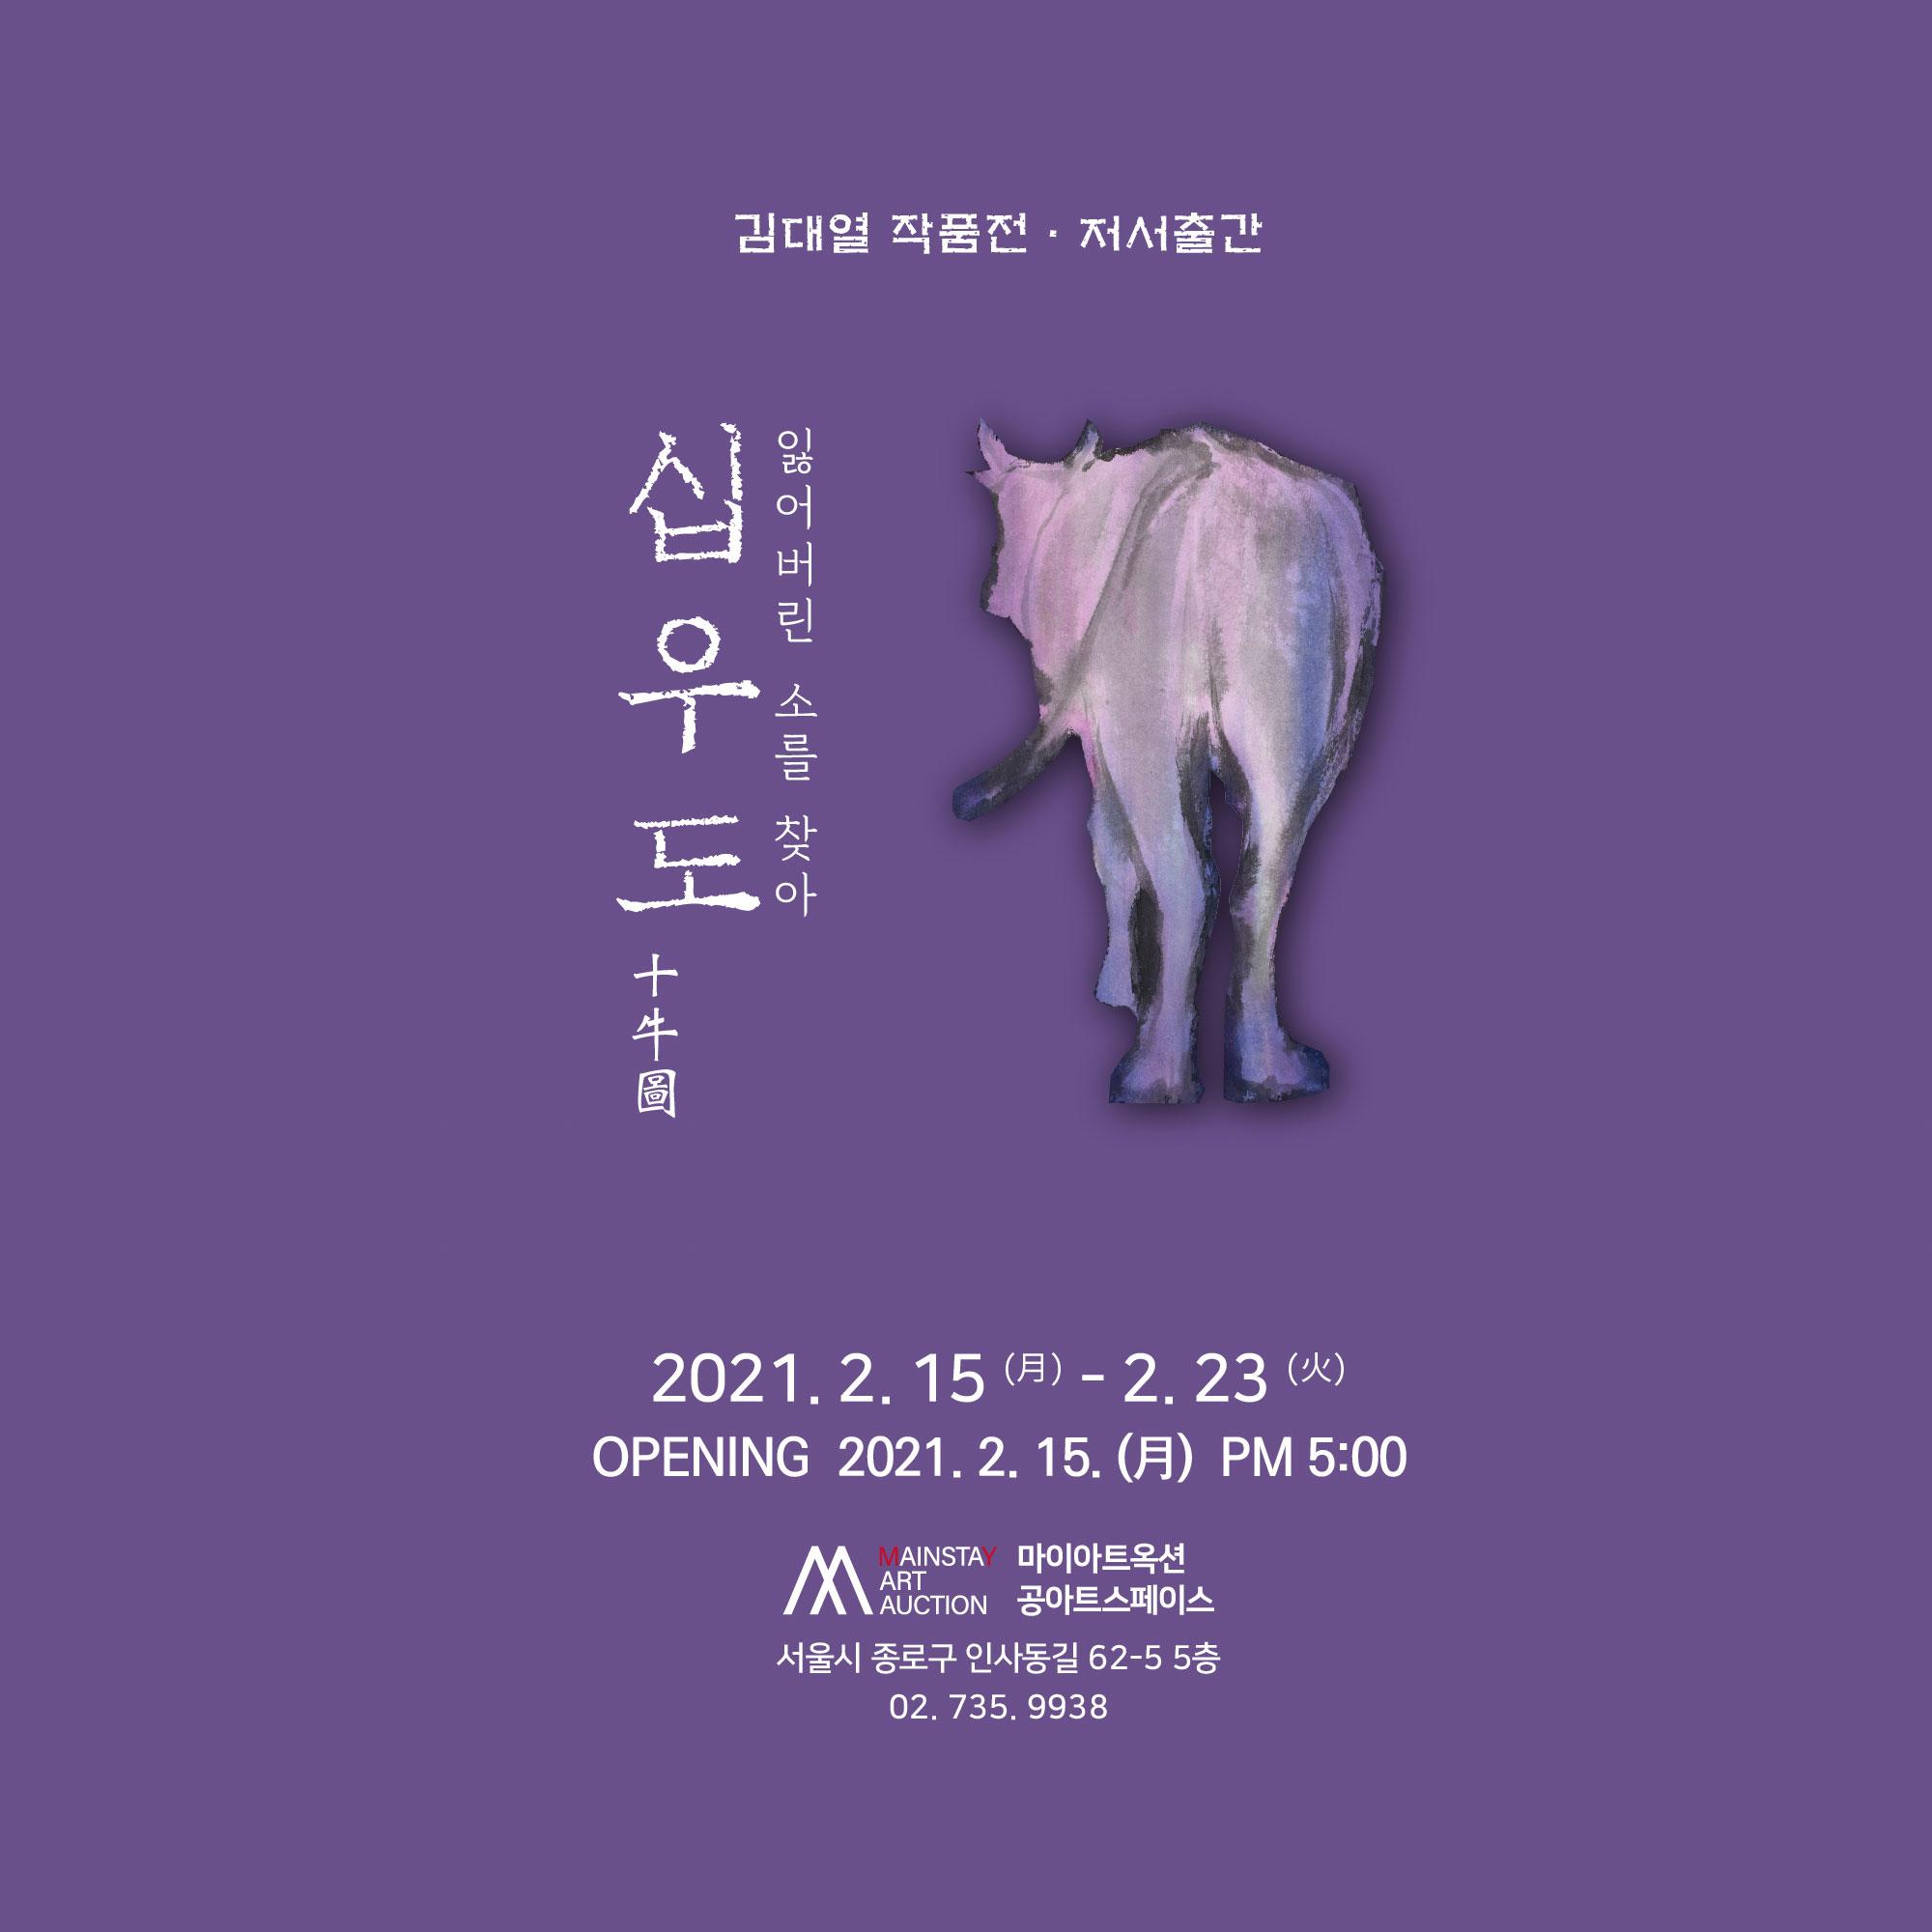 십우도 : 잃어버린 소를 찾아, 김대열 저서출간 및 작품전 홍보 이미지